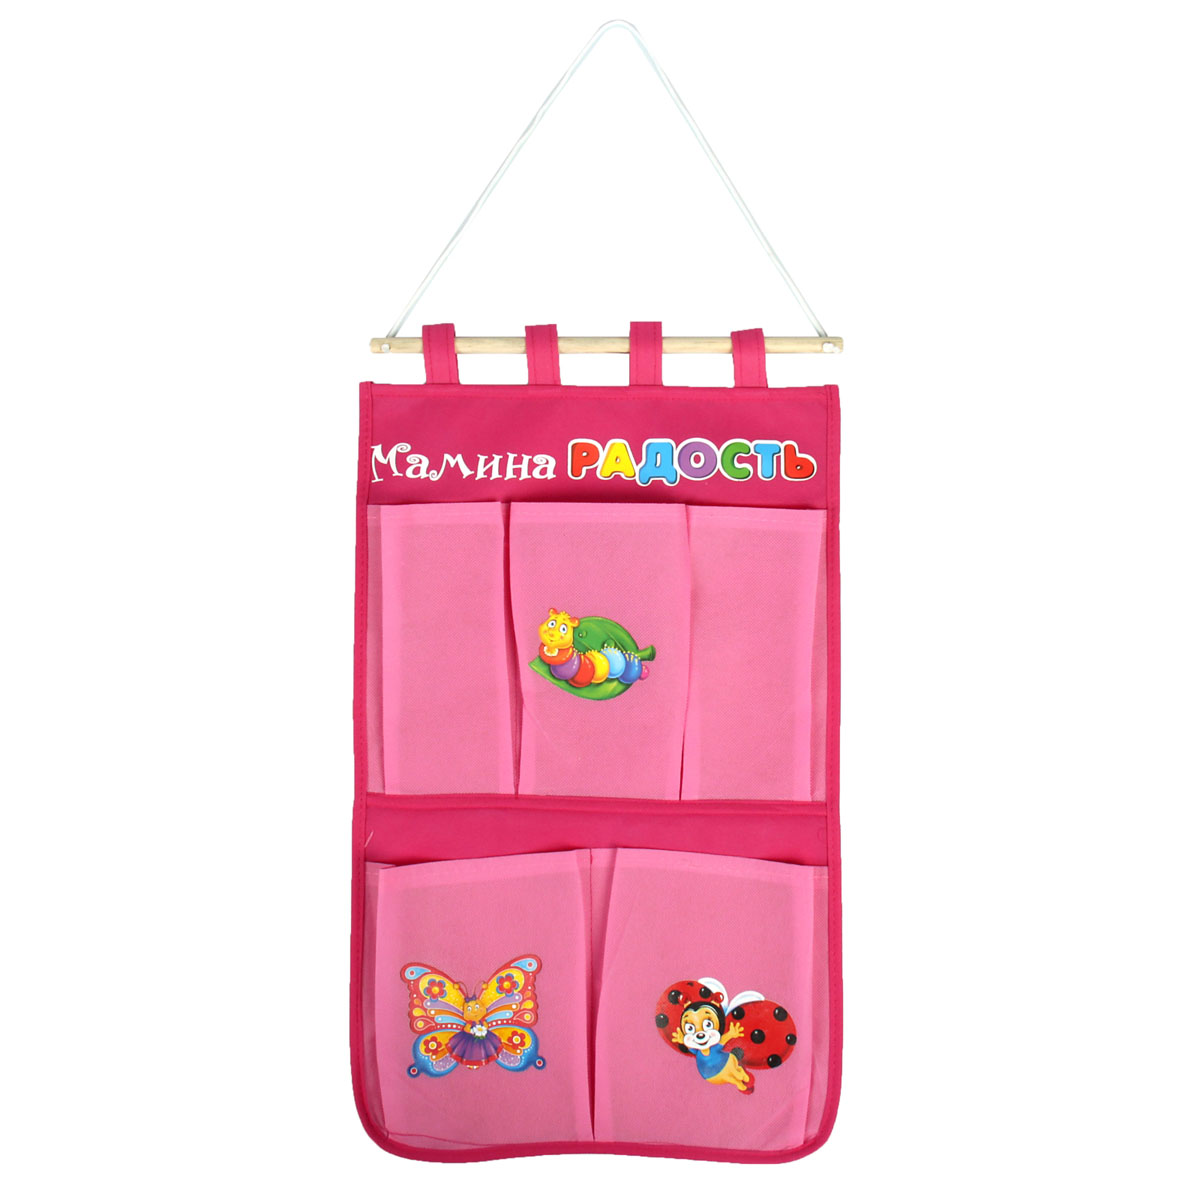 Кармашки на стену Sima-land Мамина радость, цвет: розовый, 5 шт25051 7_зеленыйКармашки на стену Sima-land Мамина радость, изготовленные из текстиля, предназначены для хранения необходимых вещей, множества мелочей в гардеробной, ванной, детской комнатах. Изделие представляет собой текстильное полотно с 5 пришитыми кармашками. Благодаря деревянной планке и шнурку, кармашки можно подвесить на стену или дверь в необходимом для вас месте.Кармашки декорированы изображениями гусеницы, бабочки и божьей коровки.Этот нужный предмет может стать одновременно и декоративным элементом комнаты. Яркий дизайн, как ничто иное, способен оживить интерьер вашего дома.